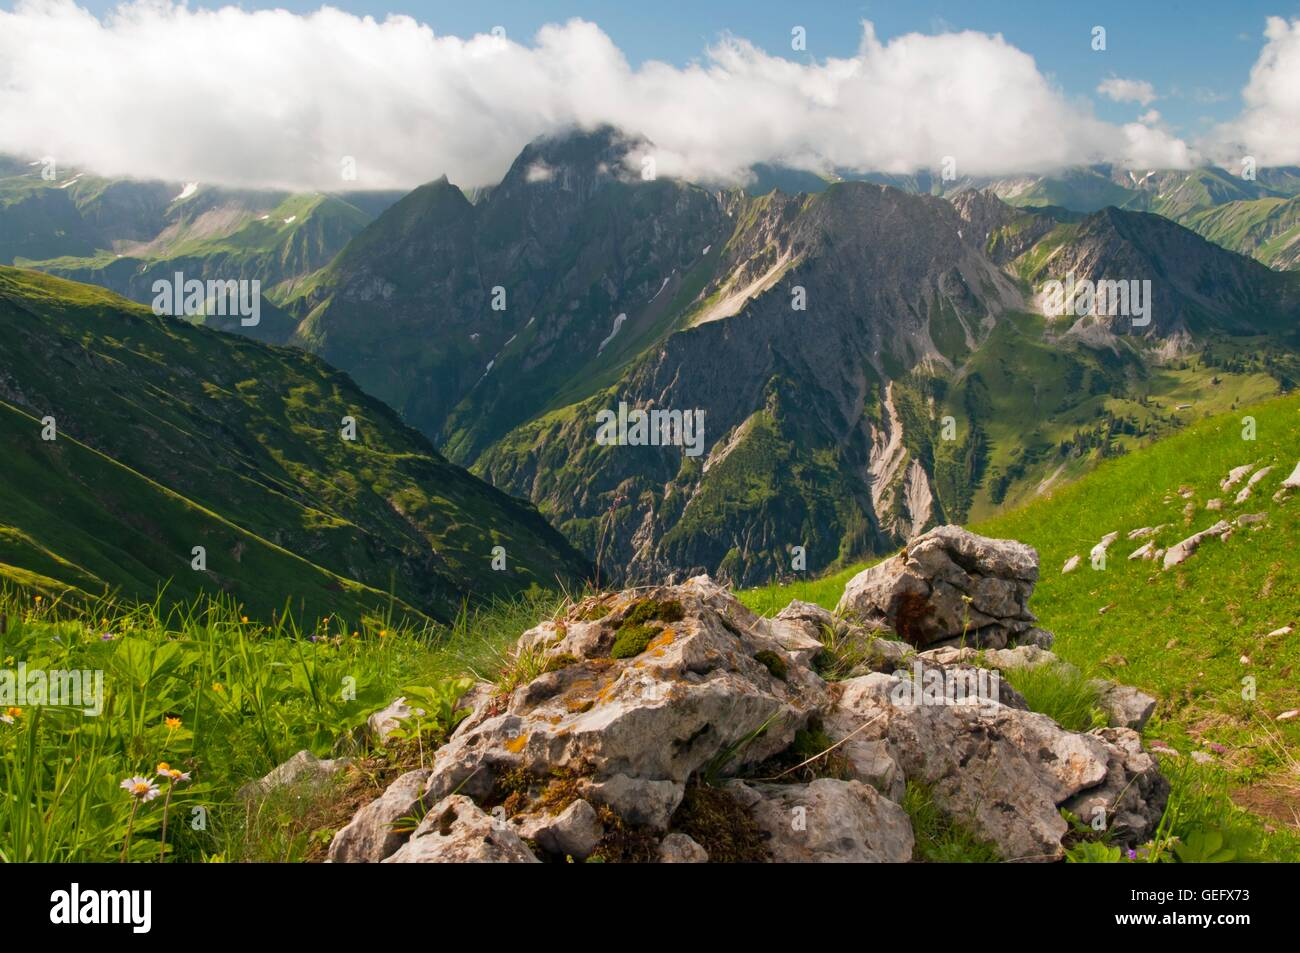 Hoefats, Allgaeu Alps, Allgaeu, Bavaria - Stock Image